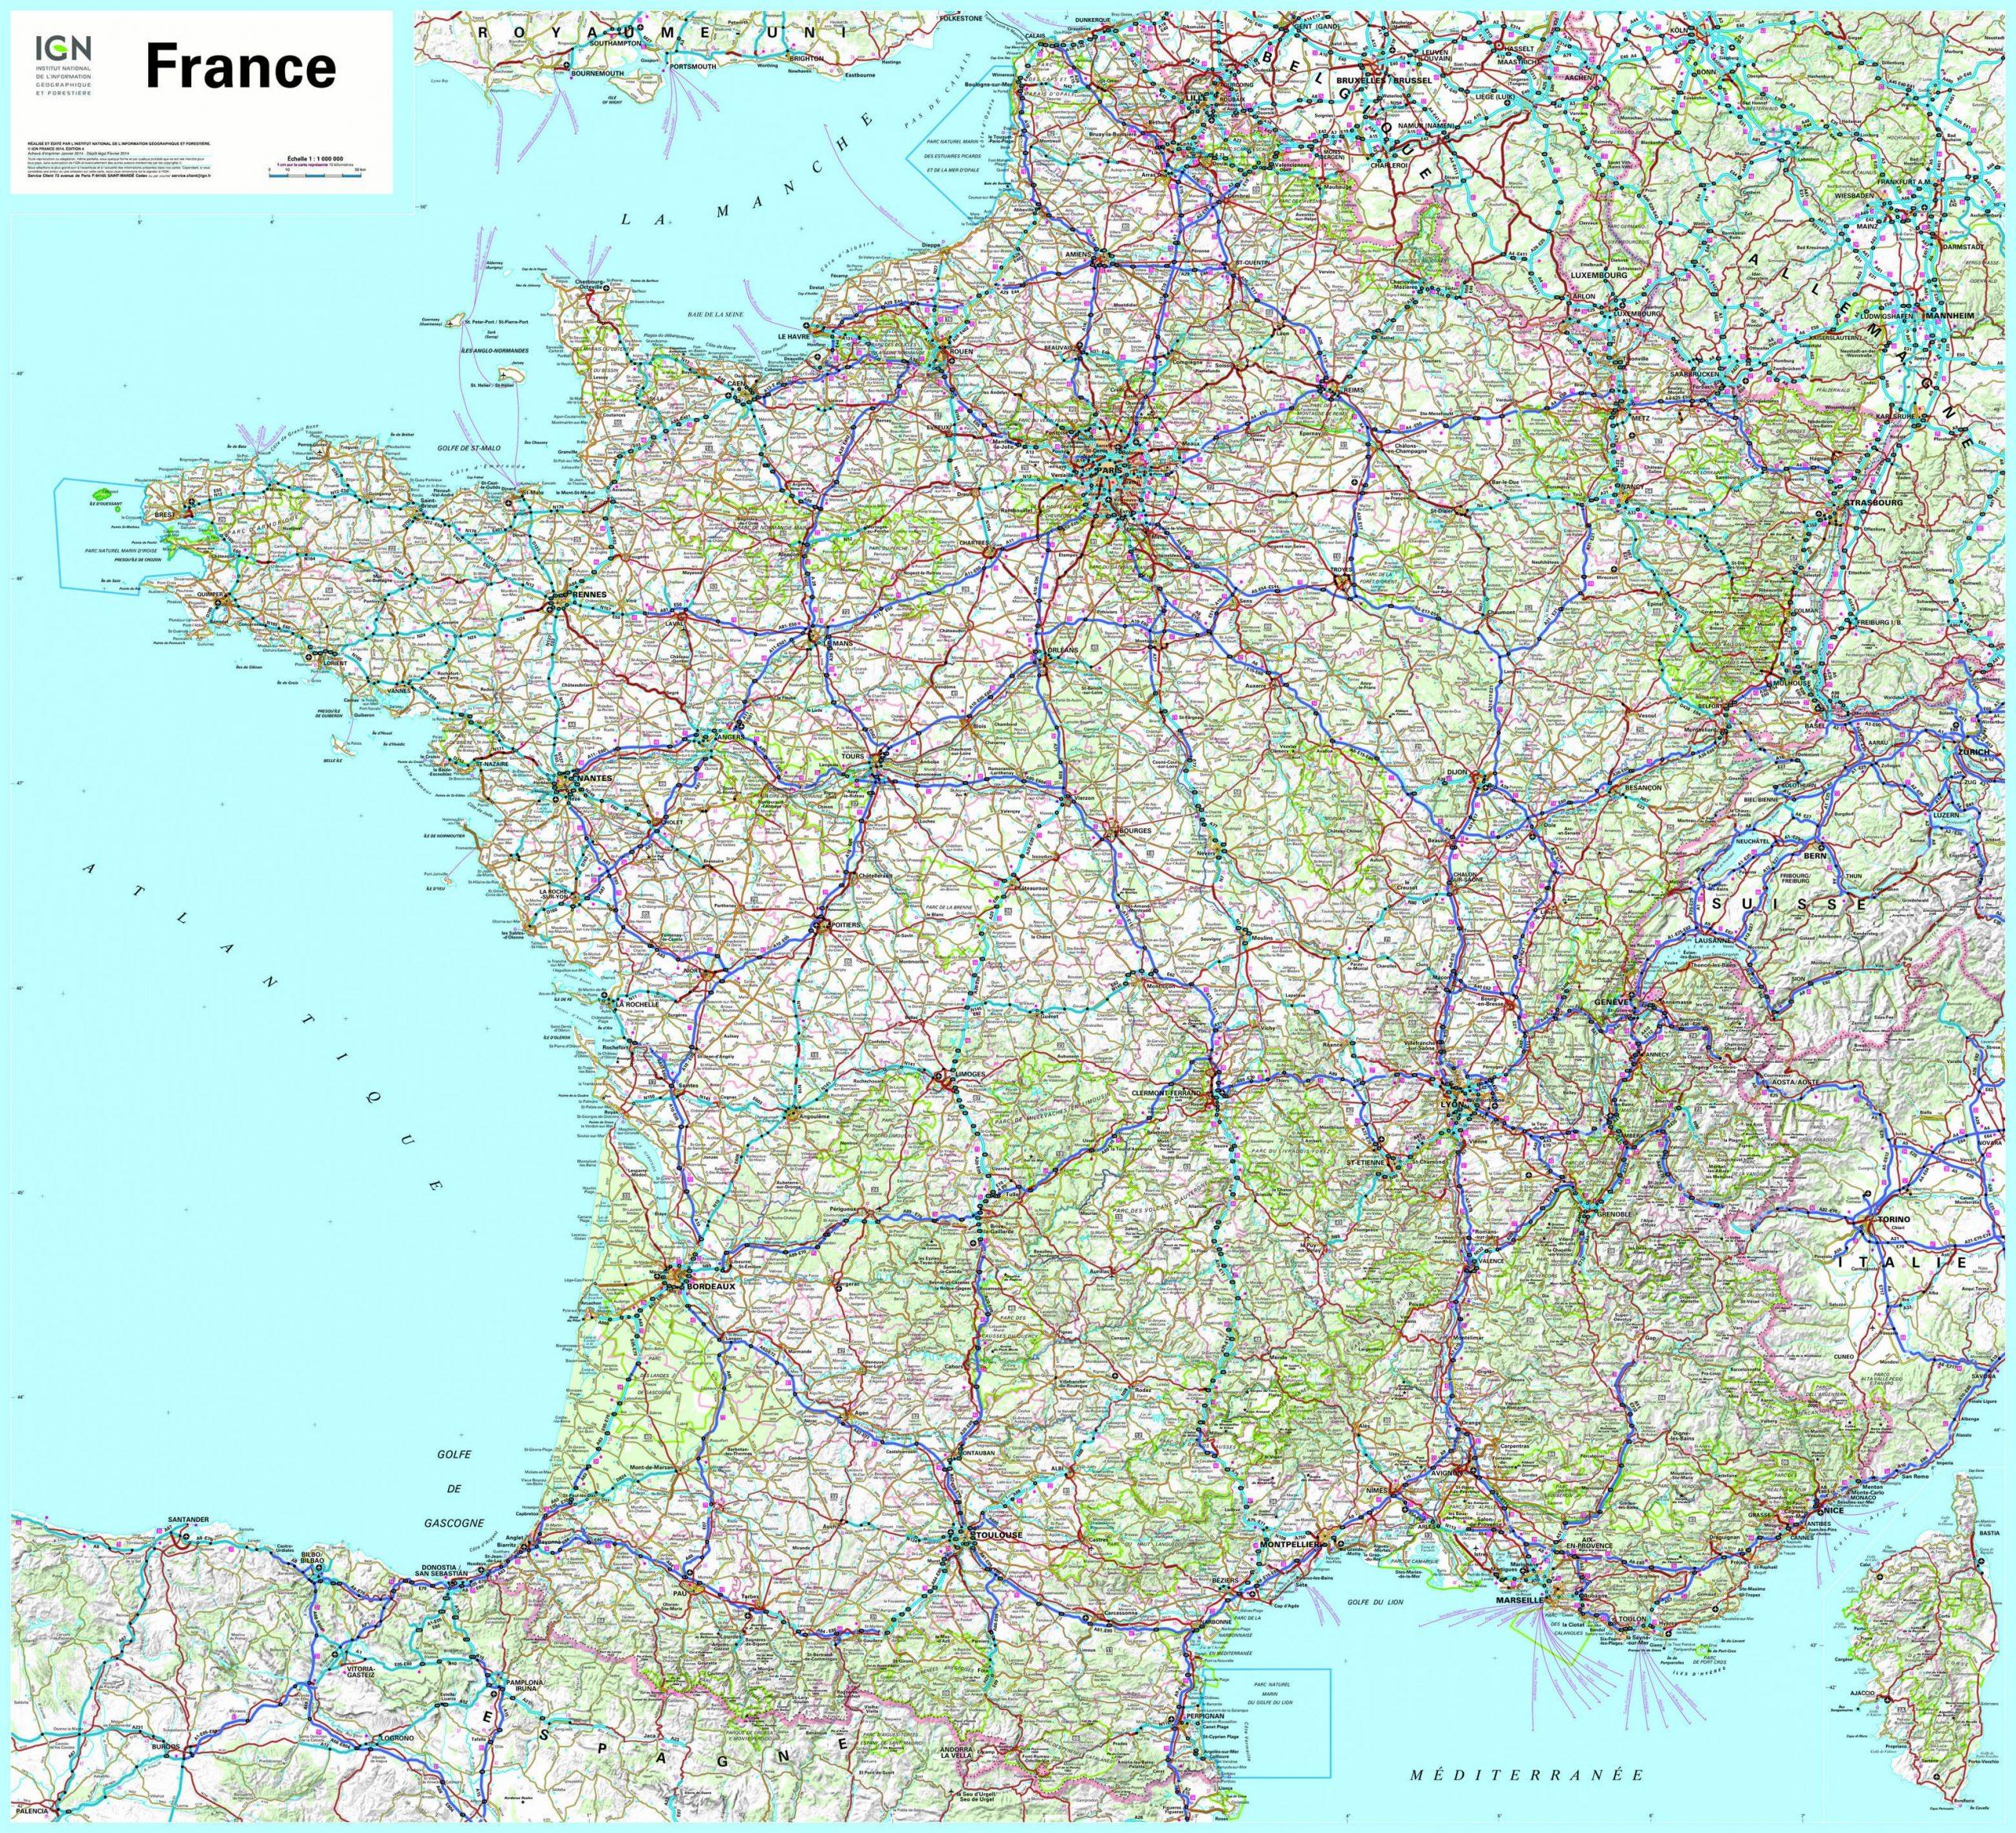 Cartograf.fr : Carte France : Page 3 encequiconcerne Carte Du Sud De La France Détaillée